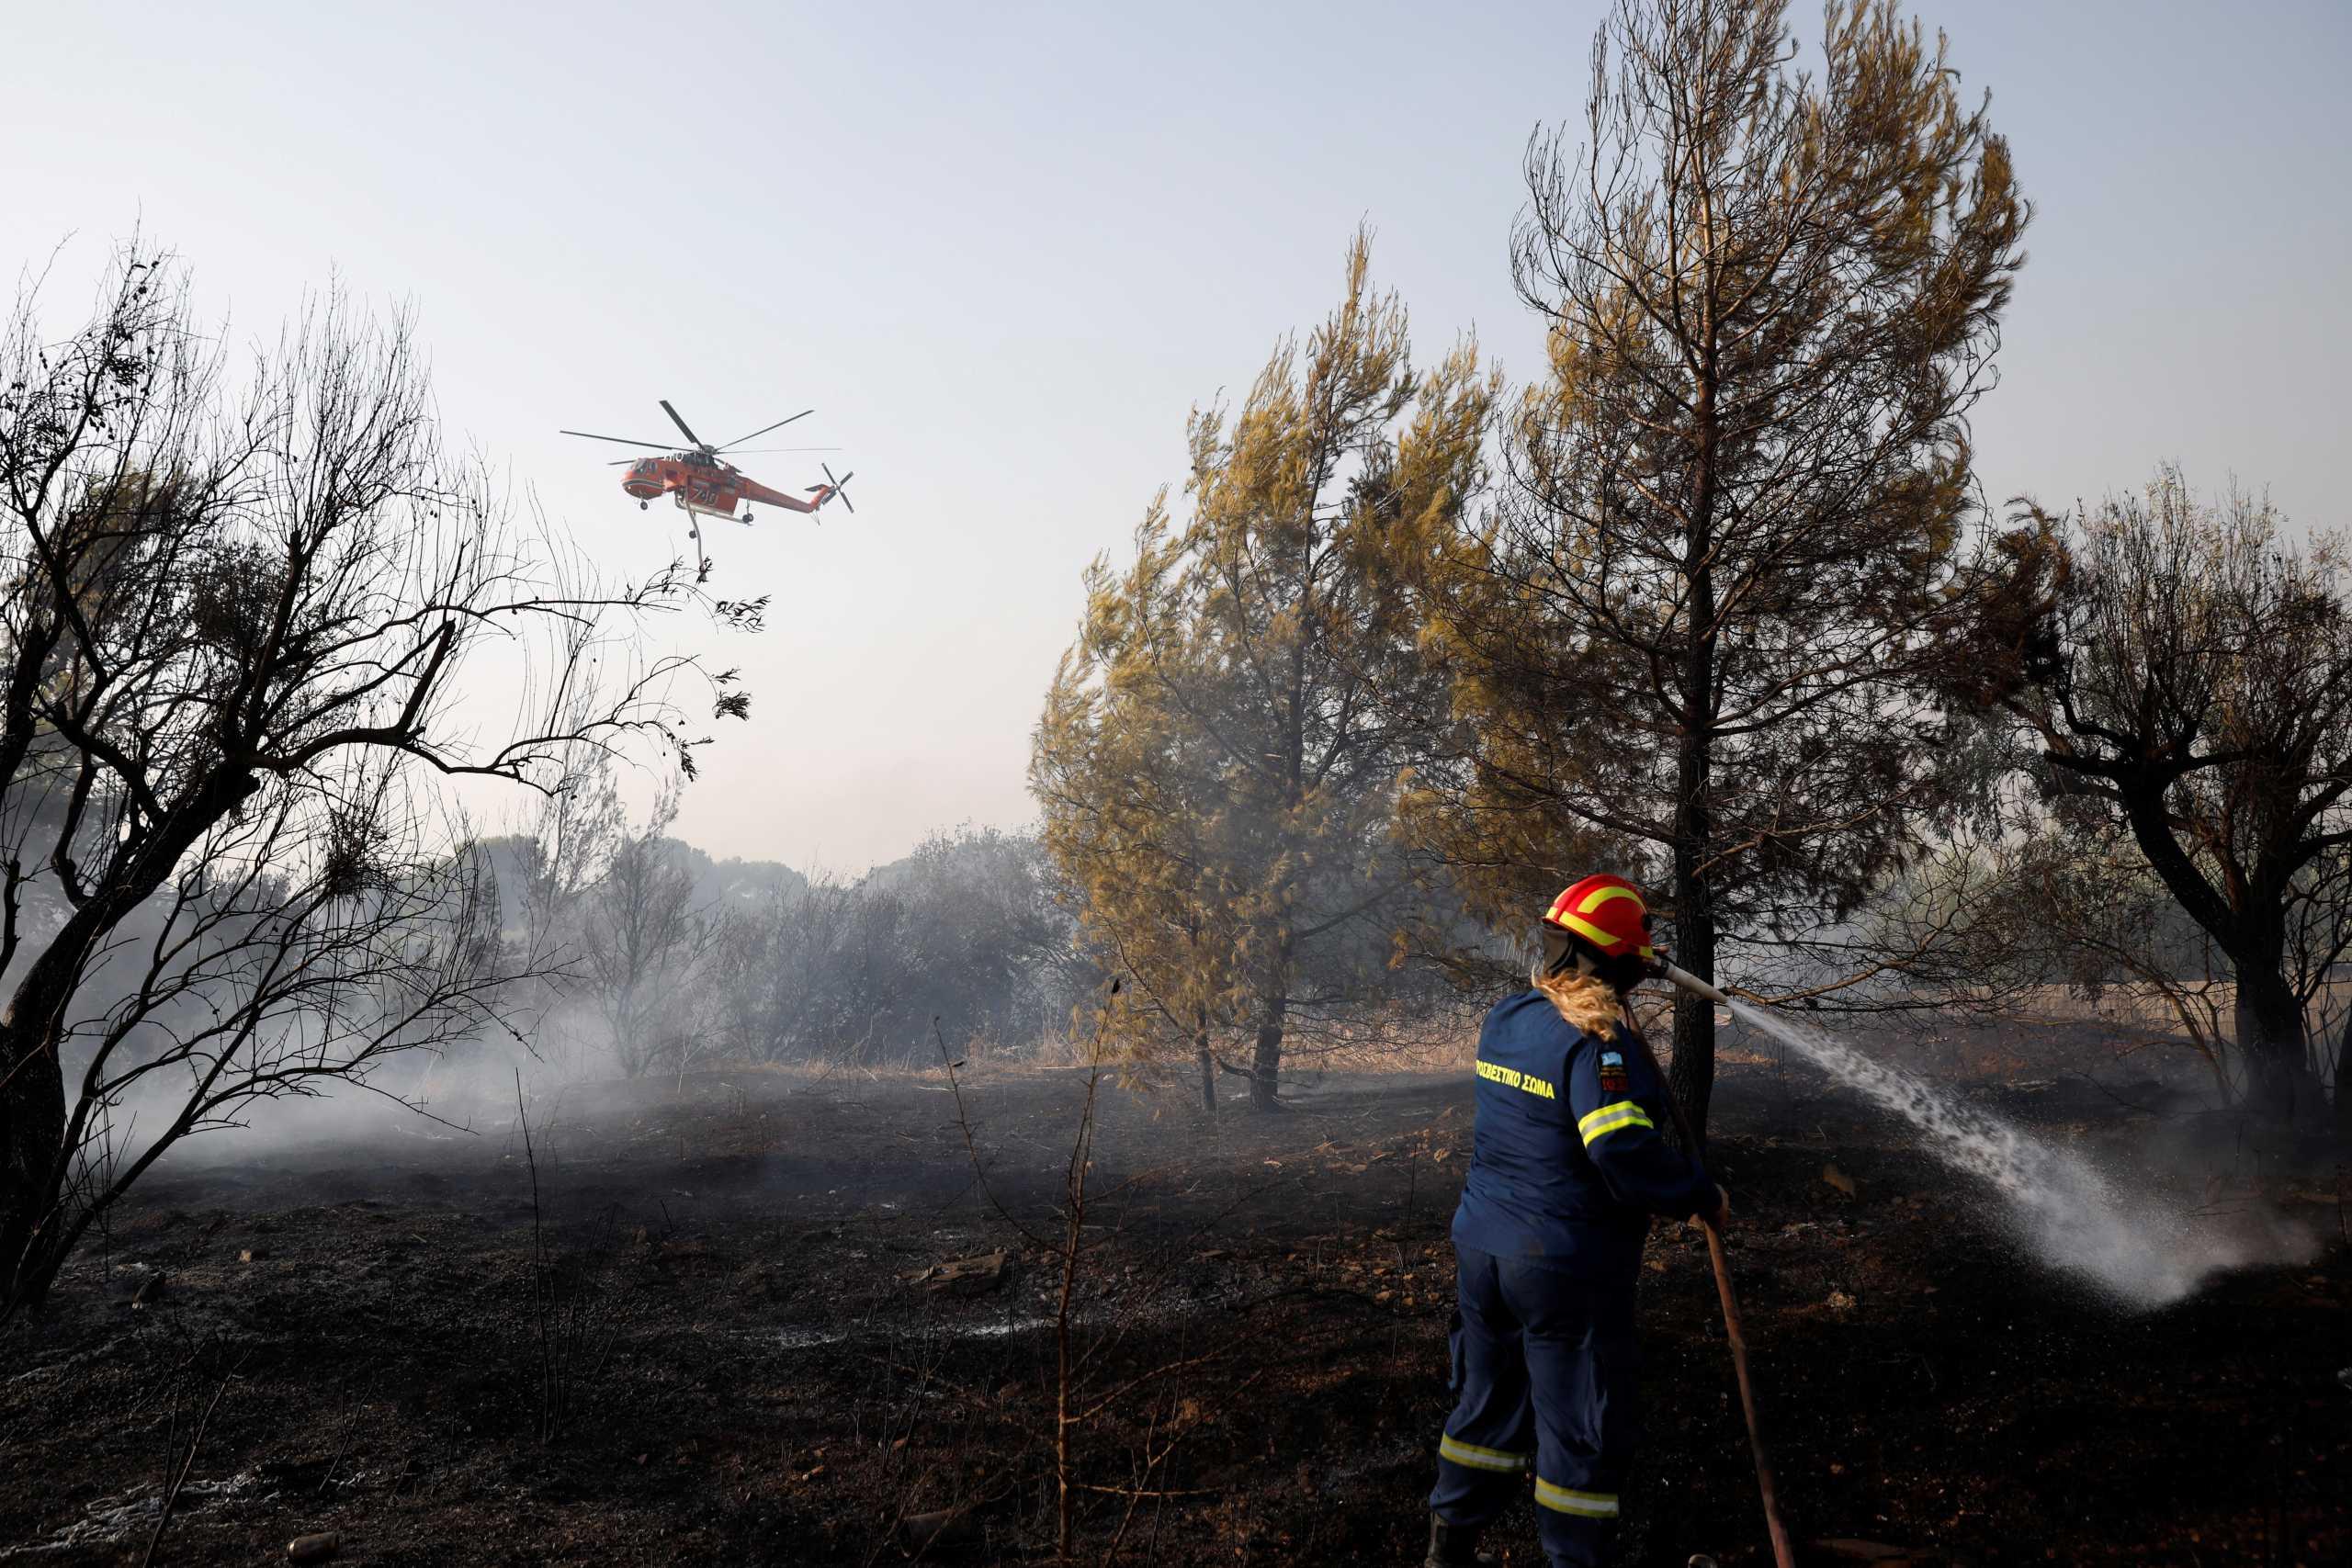 Φωτιά στη Βαρυμπόμπη: «Είμαστε σε ένα χάος» σχολίασε ο Γκάρι Λίνεκερ